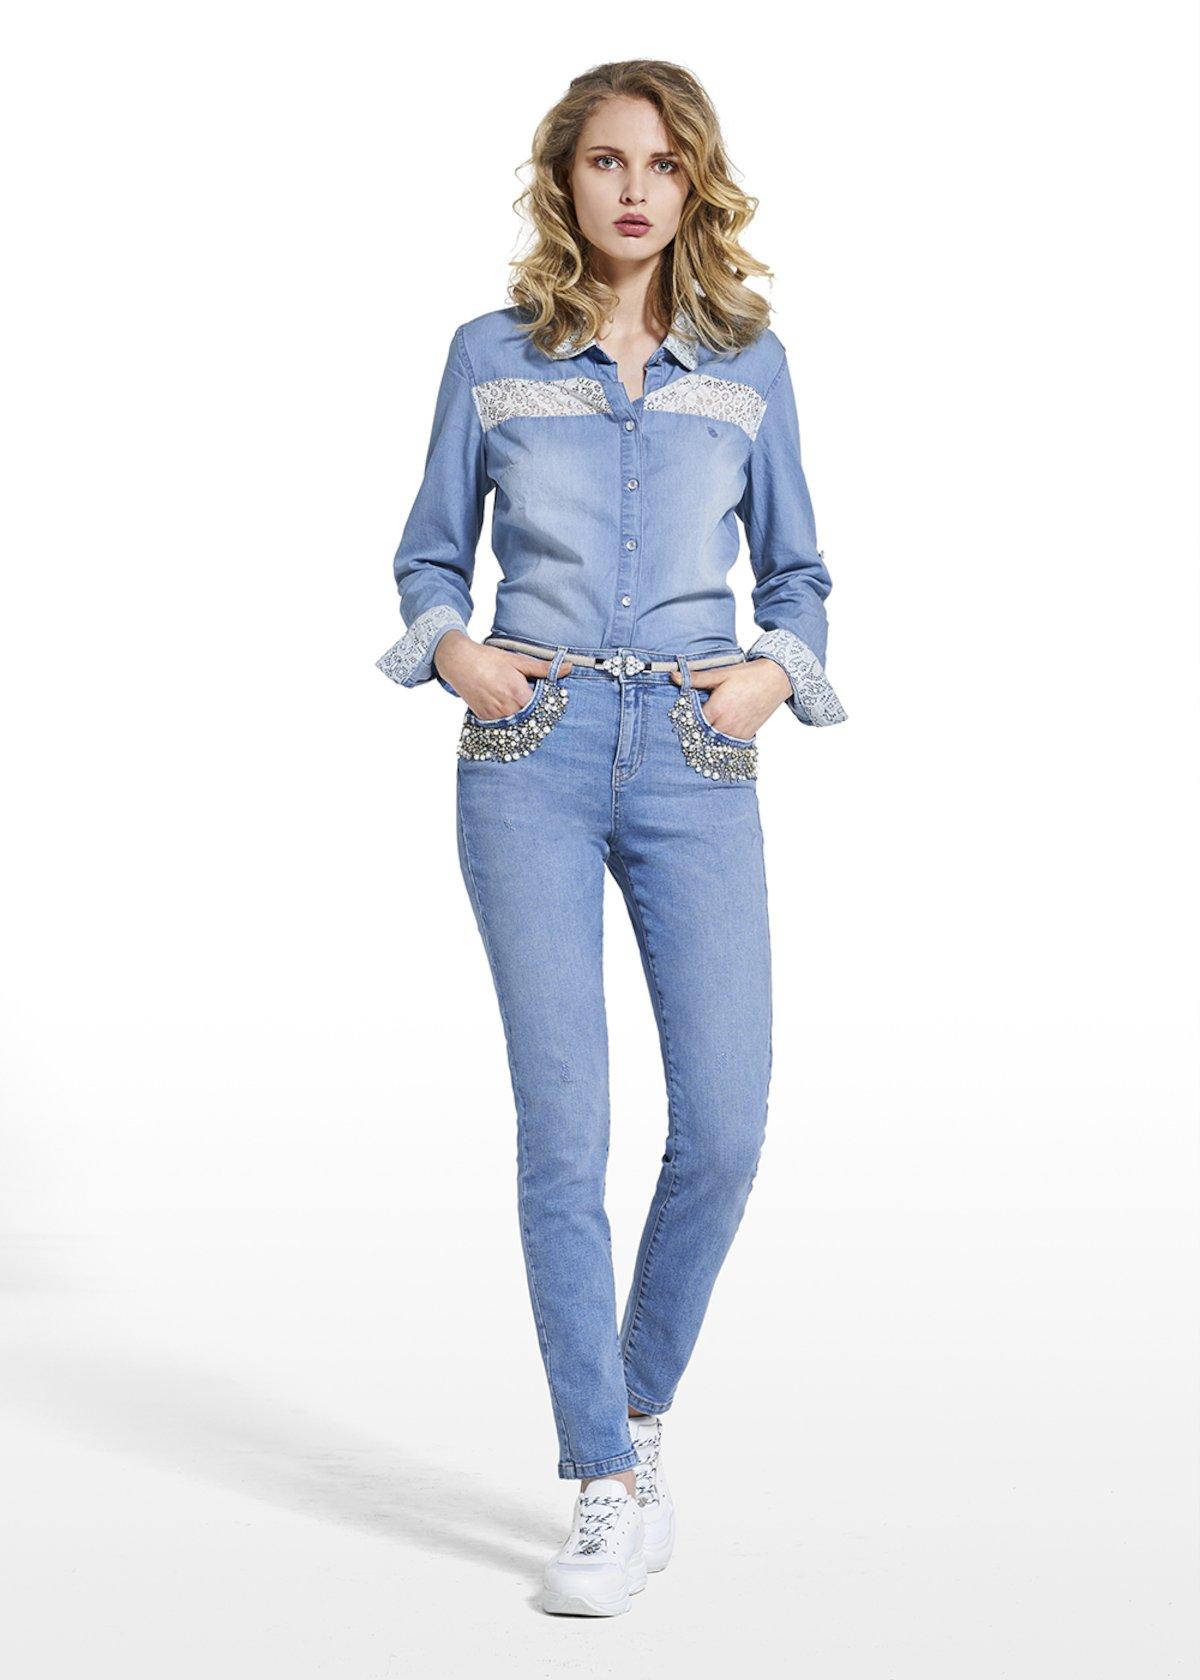 Jeans Dexter 5 tasche con dettaglio perline e crystal strass - Denim - Donna